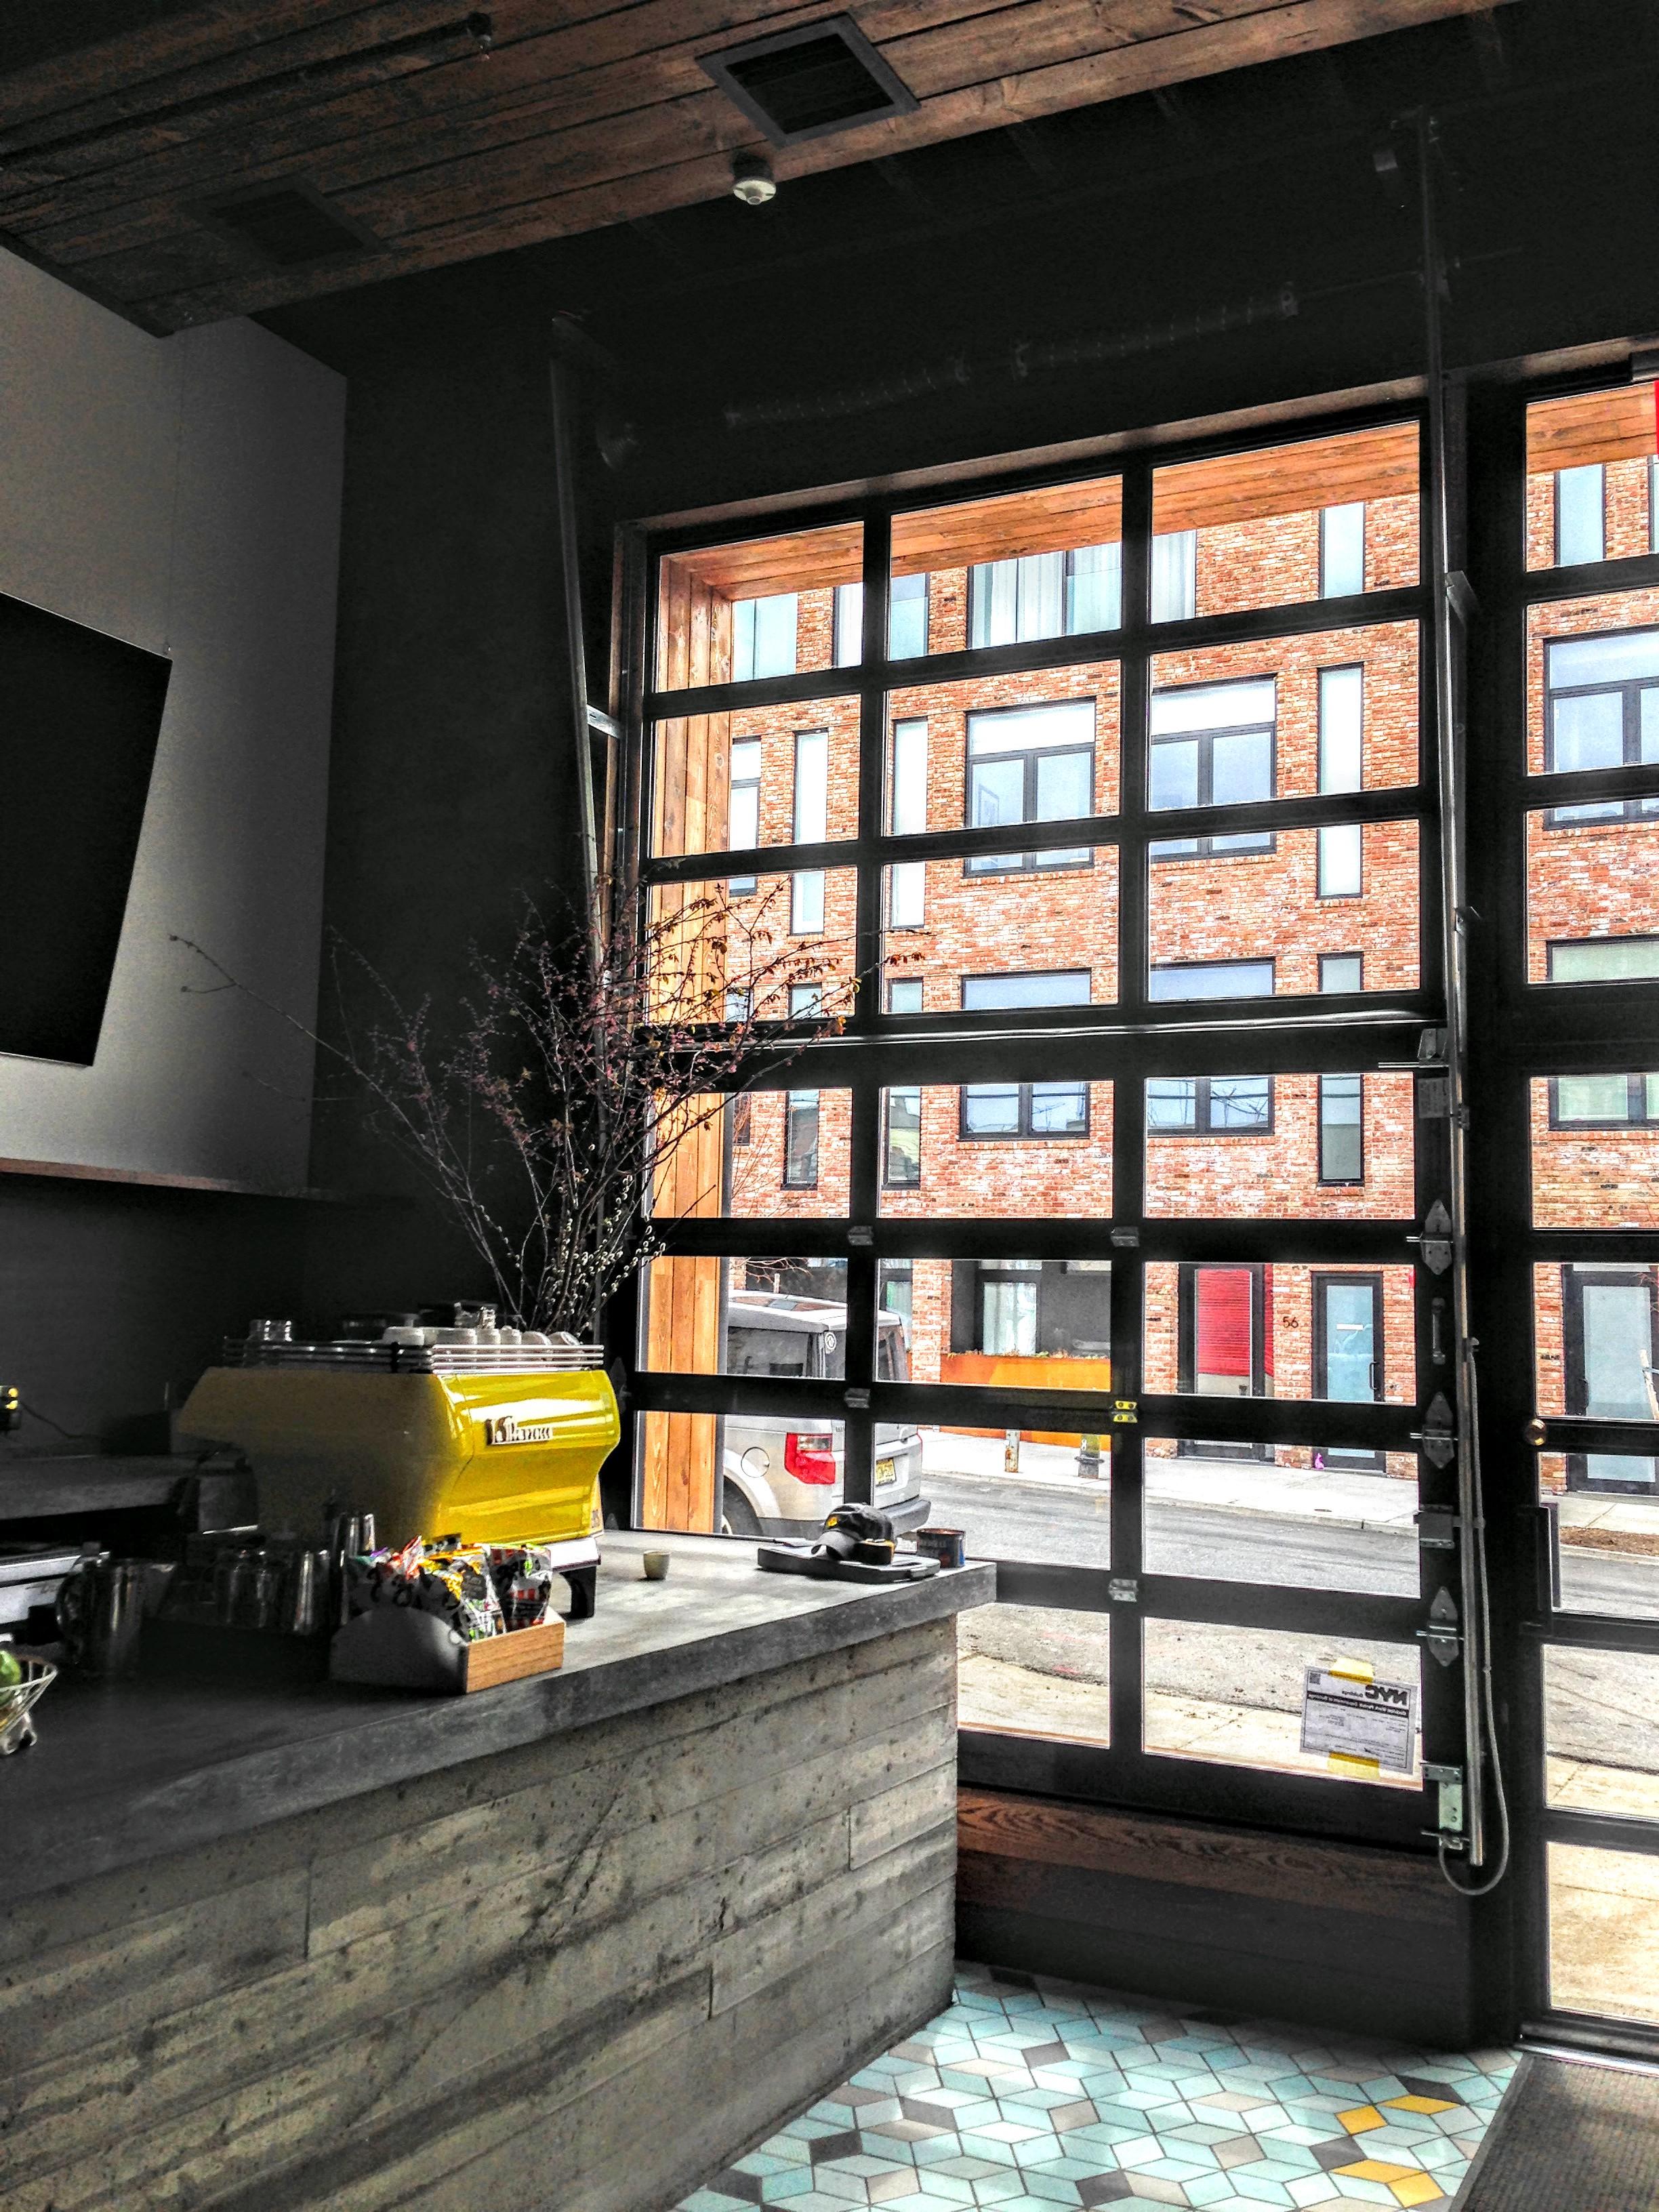 Den_Brooklyn_interior_view_metal_glass_garage_door_brooklyn.jpg